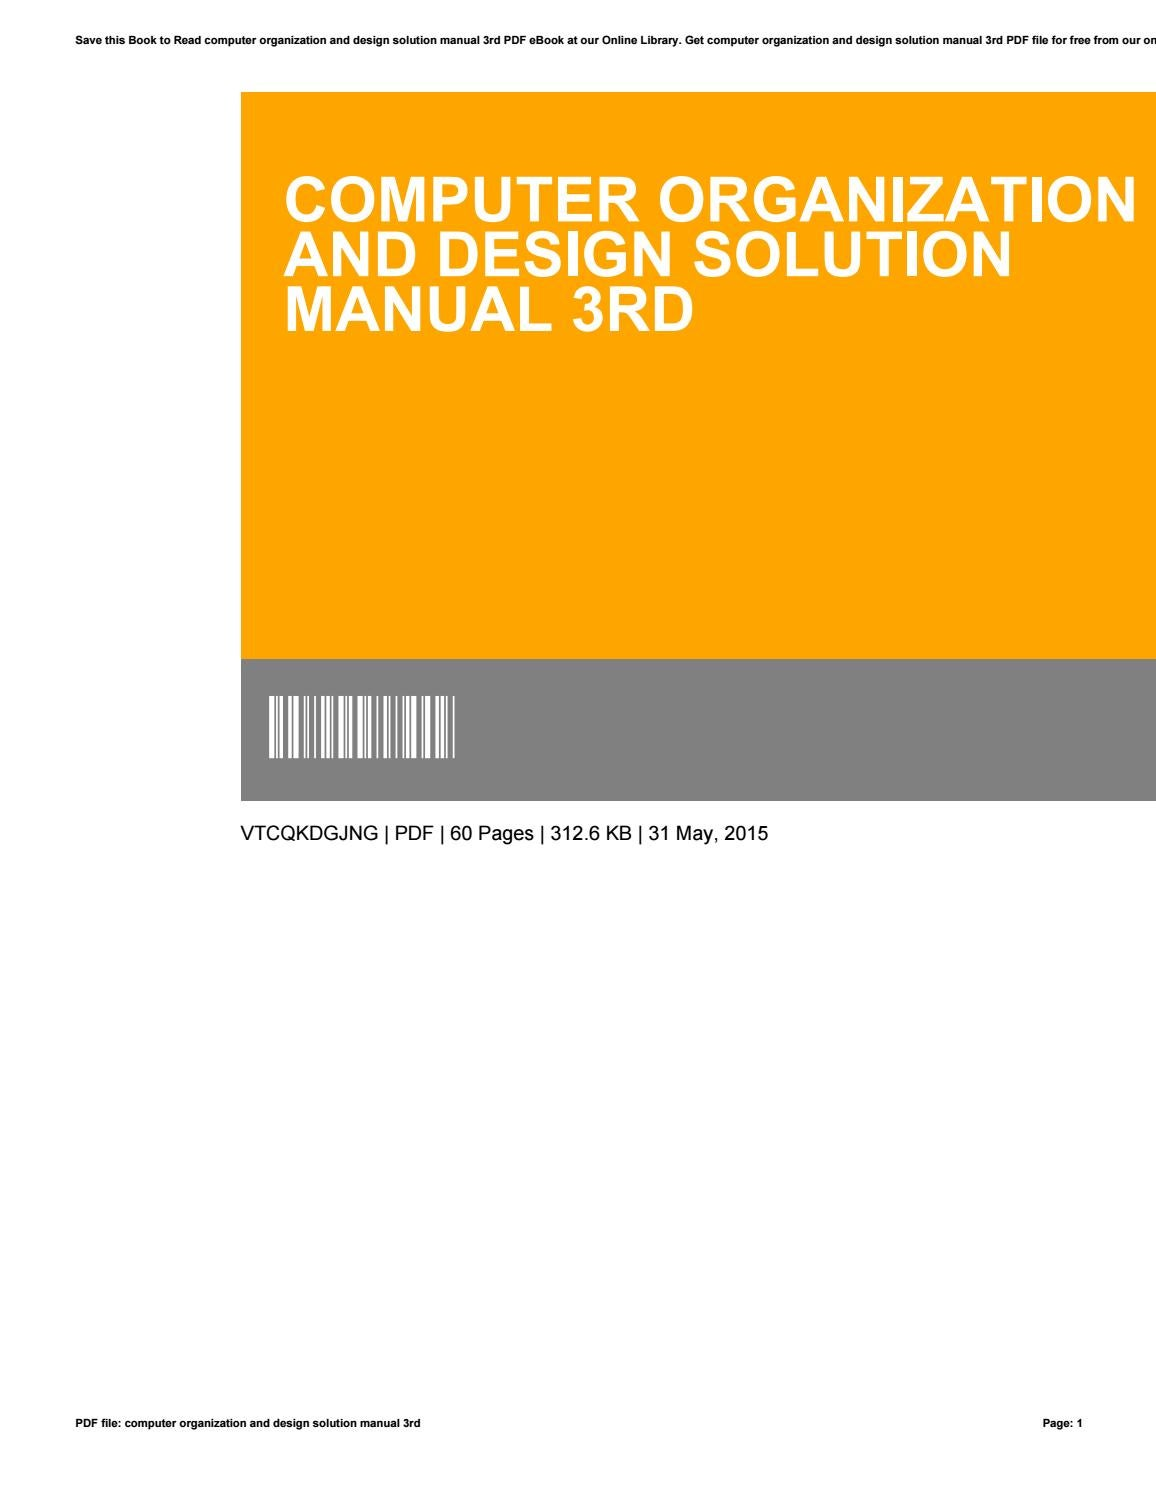 Computer Organization And Design Solution Manual 3rd By Elizabethrobinson4888 Issuu